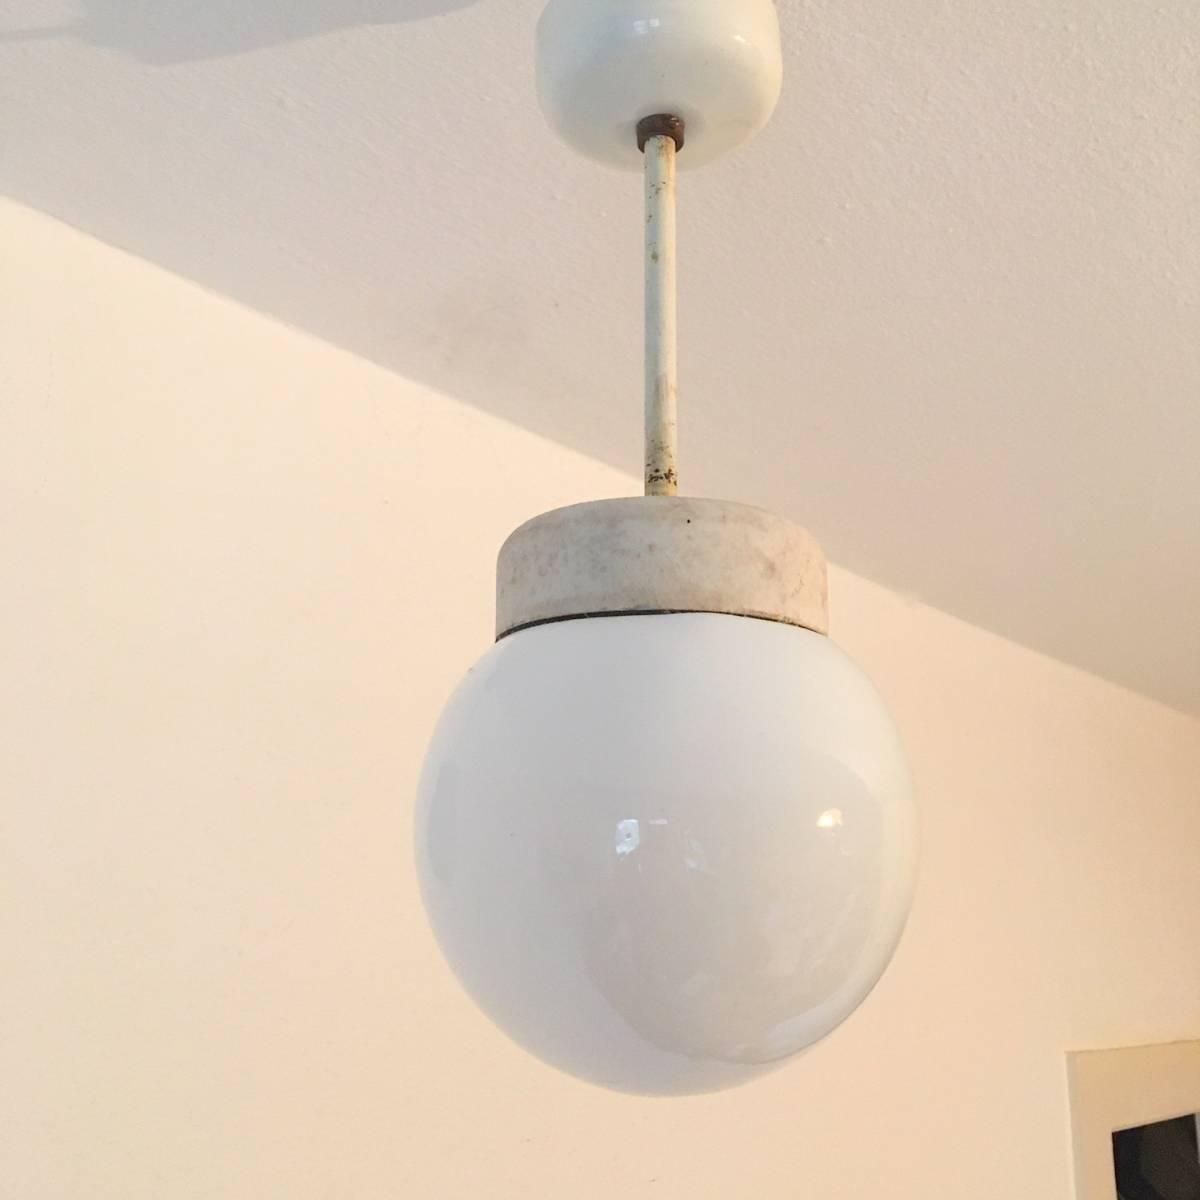 希少 ドイツ ヴィンテージ siemens 陶器 ミルクガラス ランプ 照明 真鍮 バウハウス 工業系 店舗什器 シャビー古道具 小物 家具 北欧 白_画像3